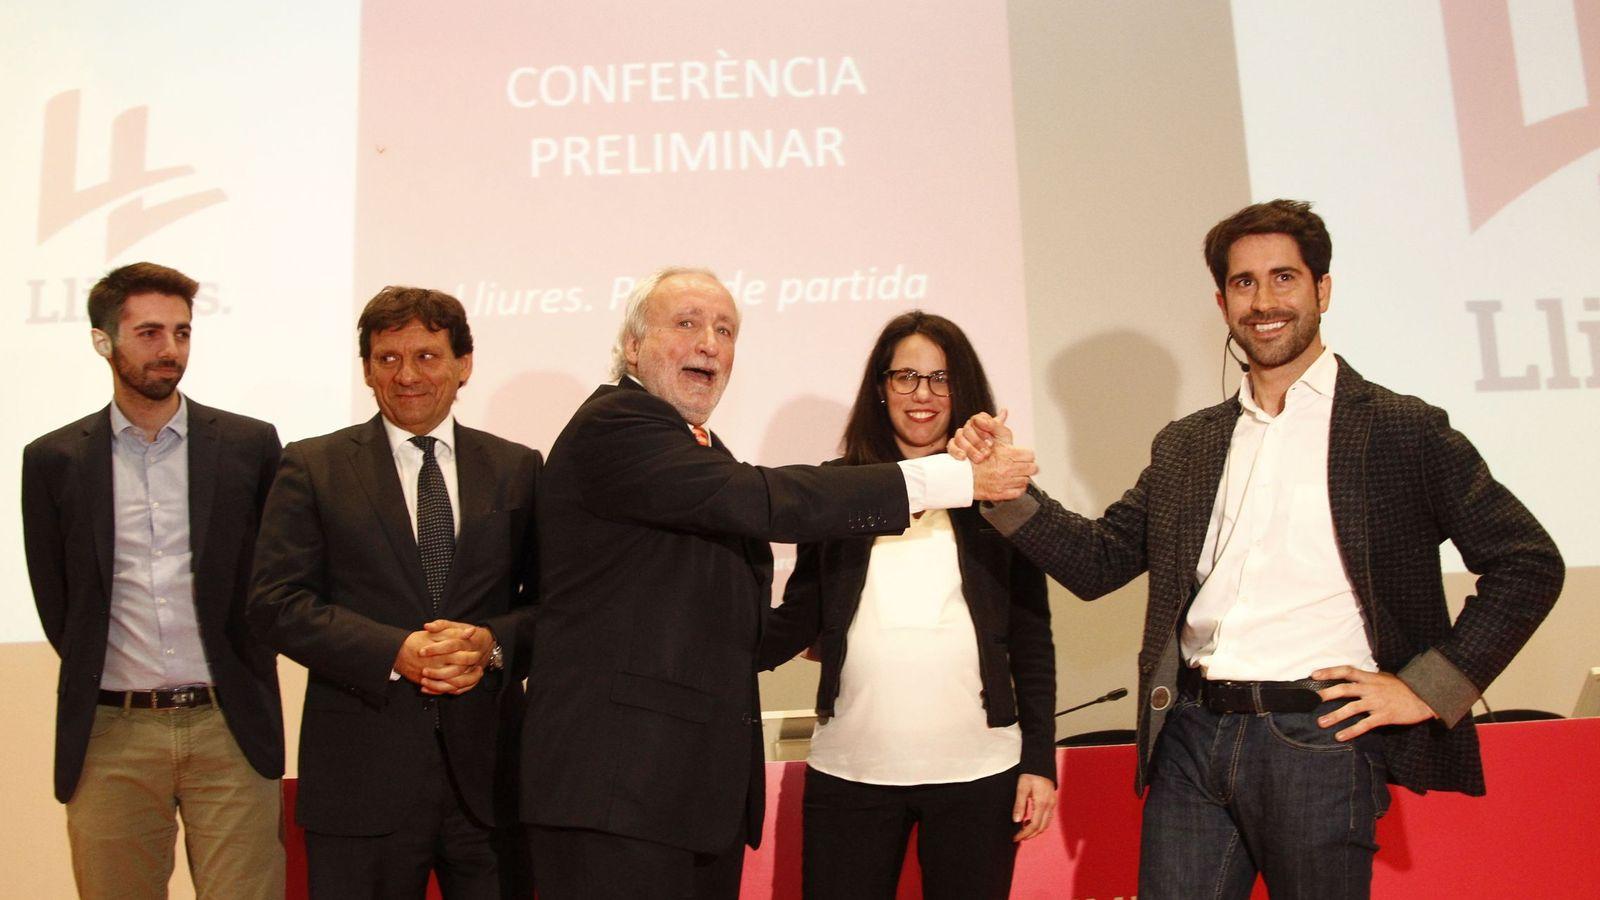 Foto: El exconvergente Antoni Fernández Teixidó (c) y el exportavoz de Unió en el Parlament Roger Montañola, momentos antes de la conferencia preliminar del movimiento Lliures. (EFE)